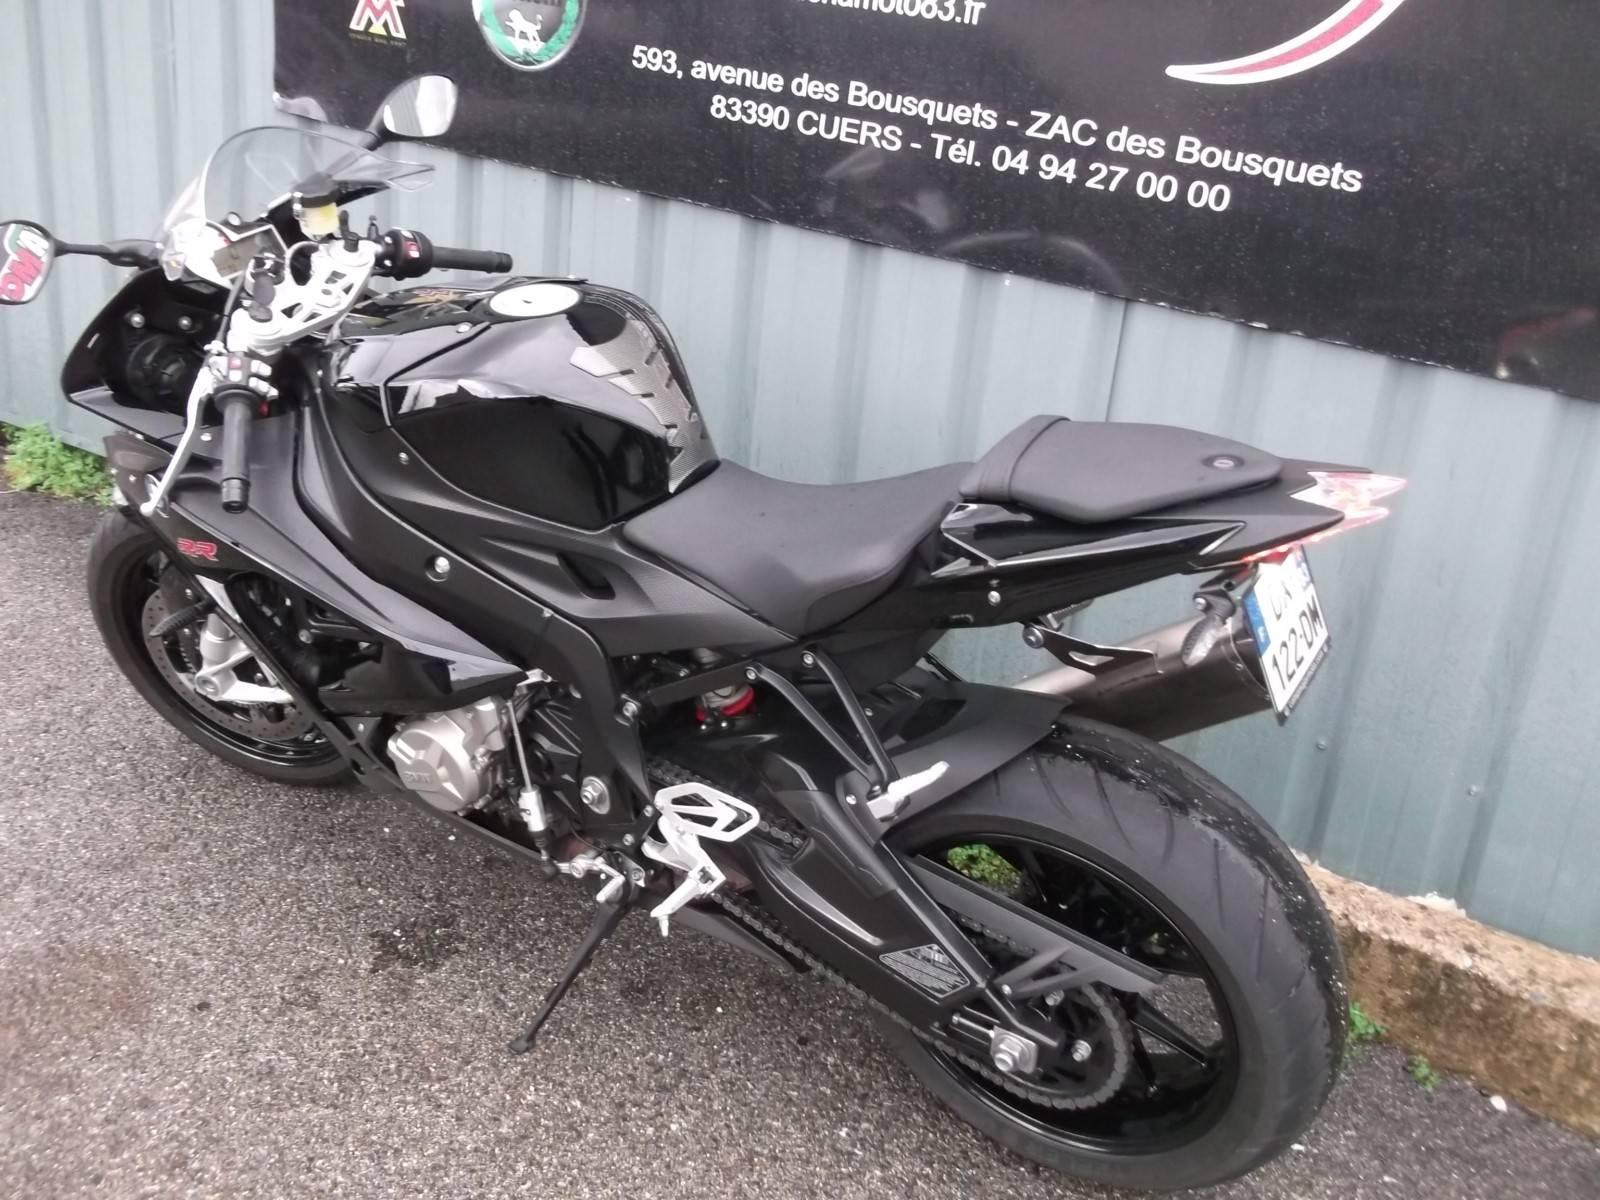 moto bmw s1000 rr occasion avec pack race toulon vente de motos neuves et occasion cuers. Black Bedroom Furniture Sets. Home Design Ideas